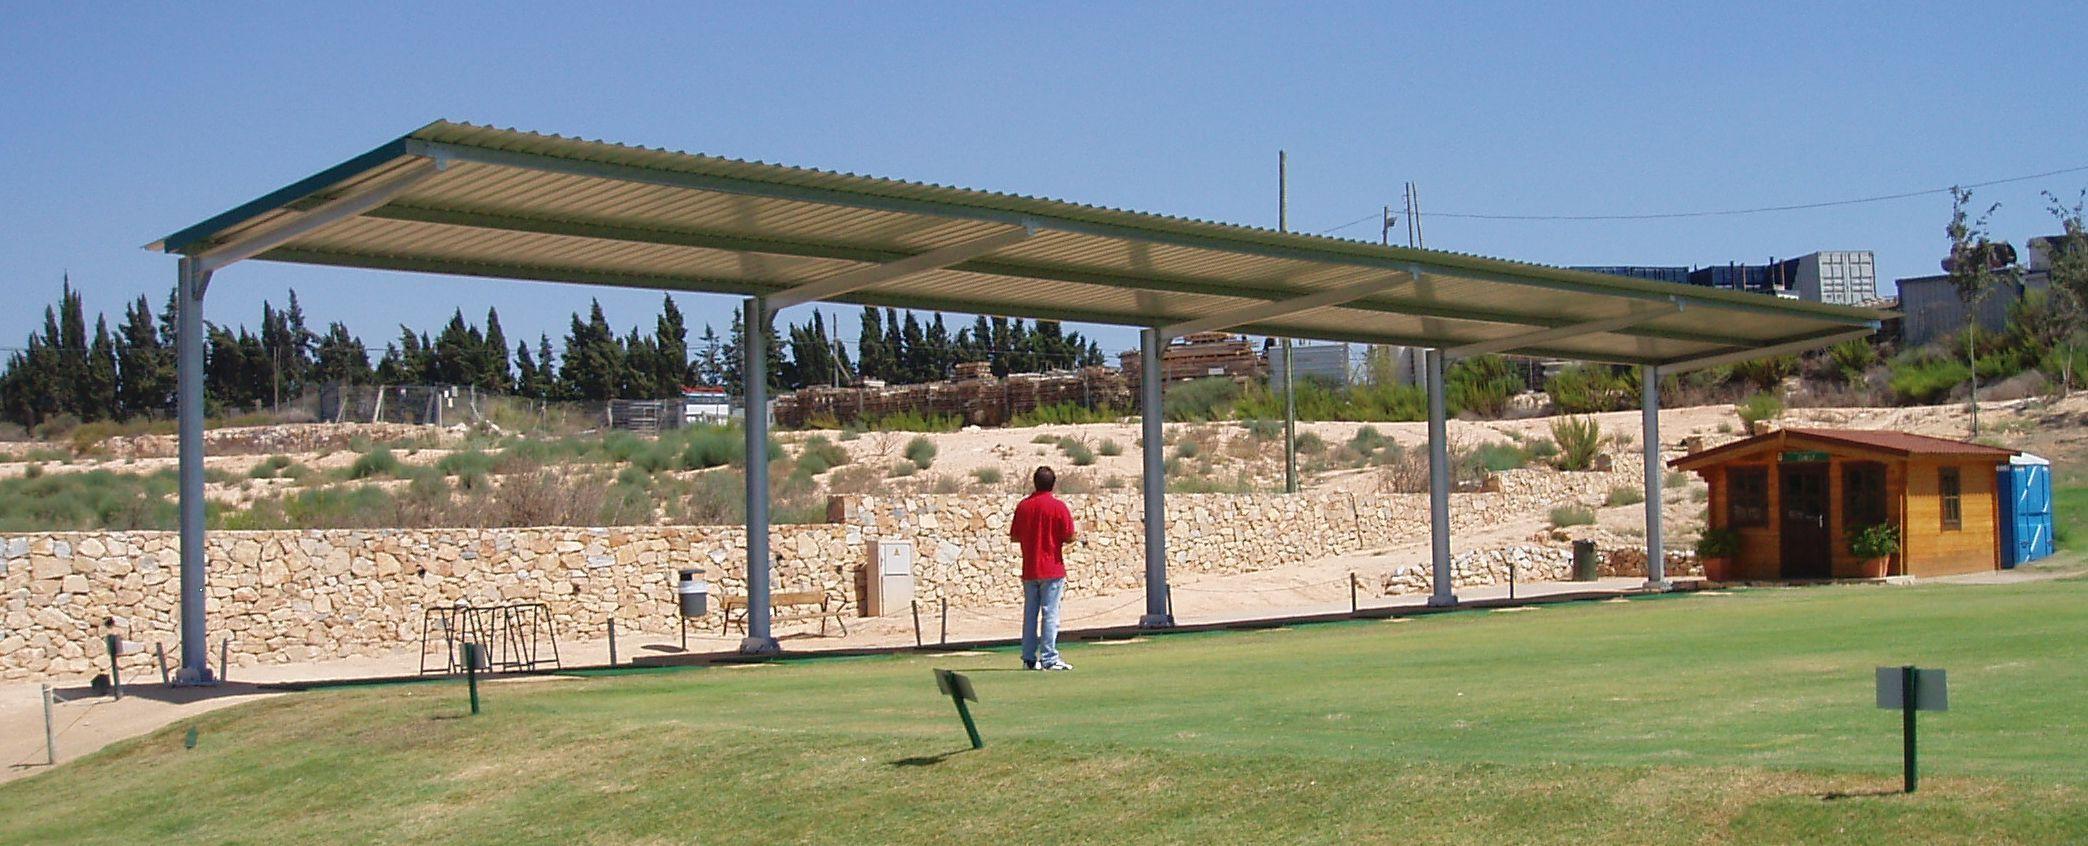 Cubrir instalaciones deportivas con techos protectores - Cubiertas para pergolas ...